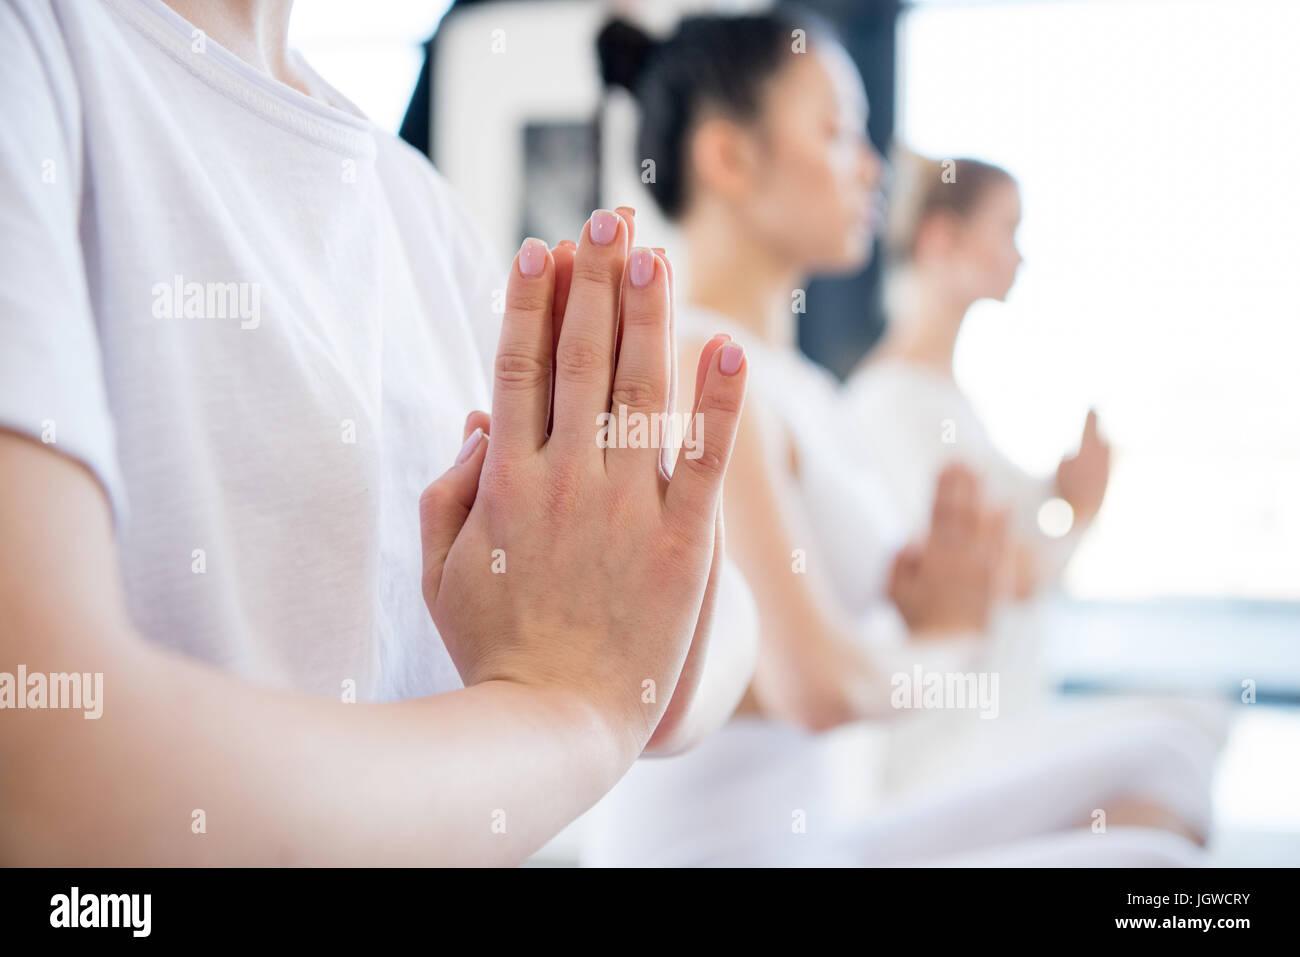 Las mujeres jóvenes concentrado meditando en lotus posar con Namaste mudra gesto adentro Imagen De Stock